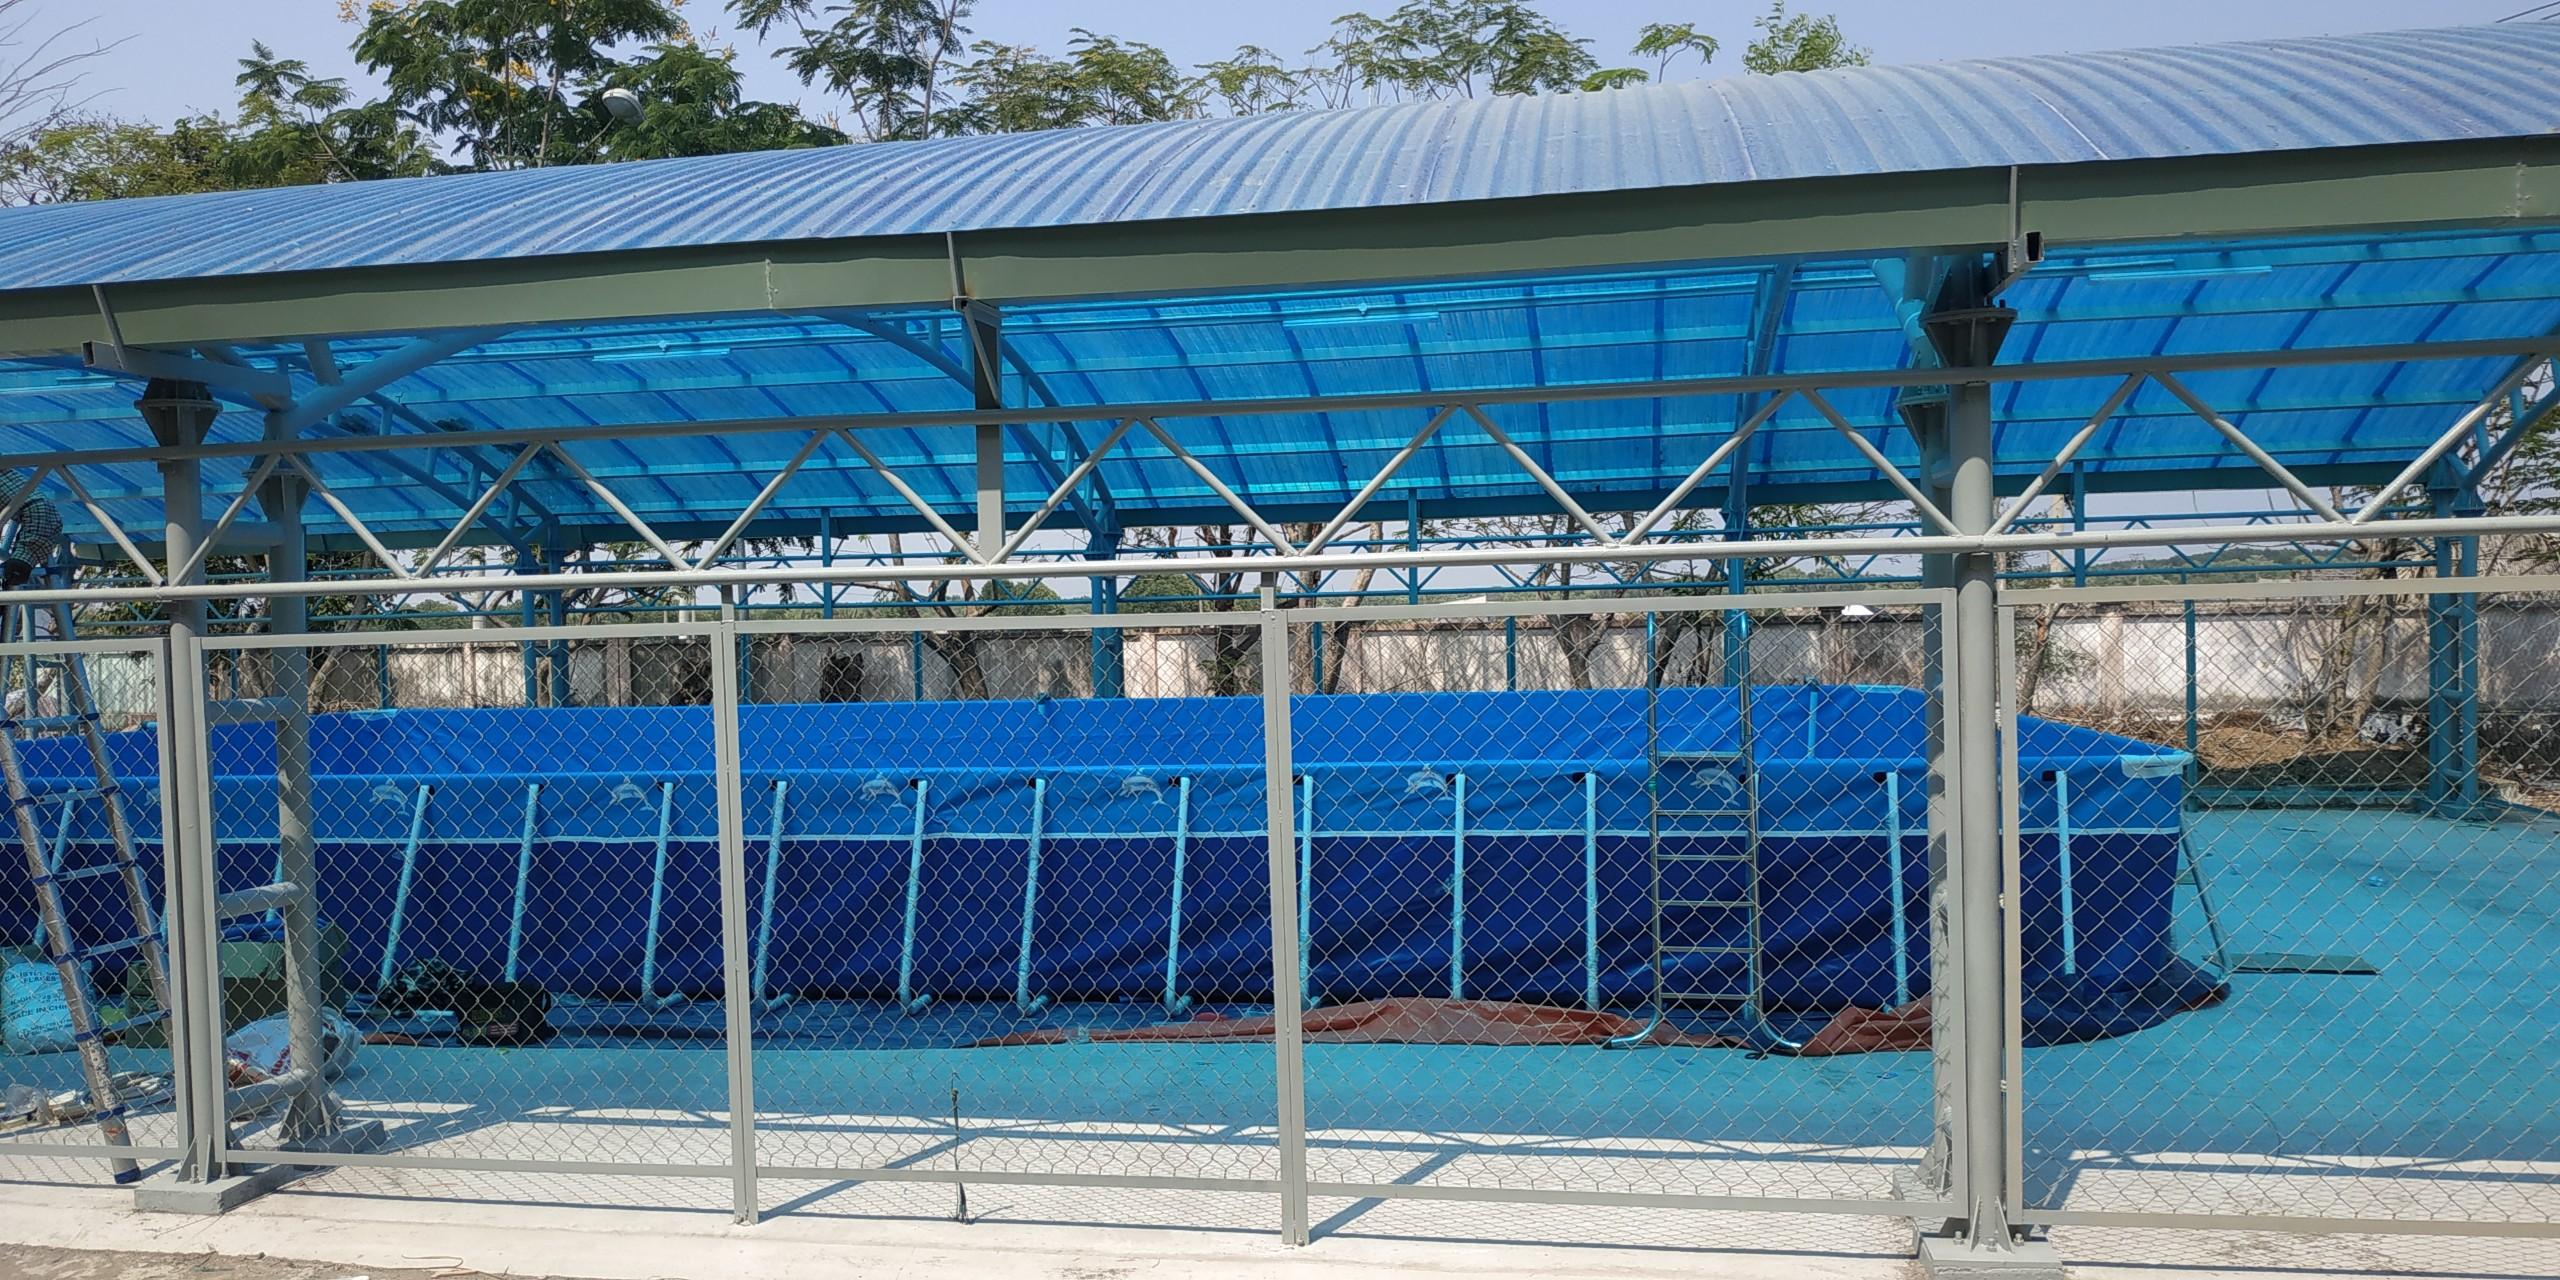 Bể Bơi Di Động Lắp Ghép Tại Cao Bằng Hoạt Động Từ 2019 Đến Này 16